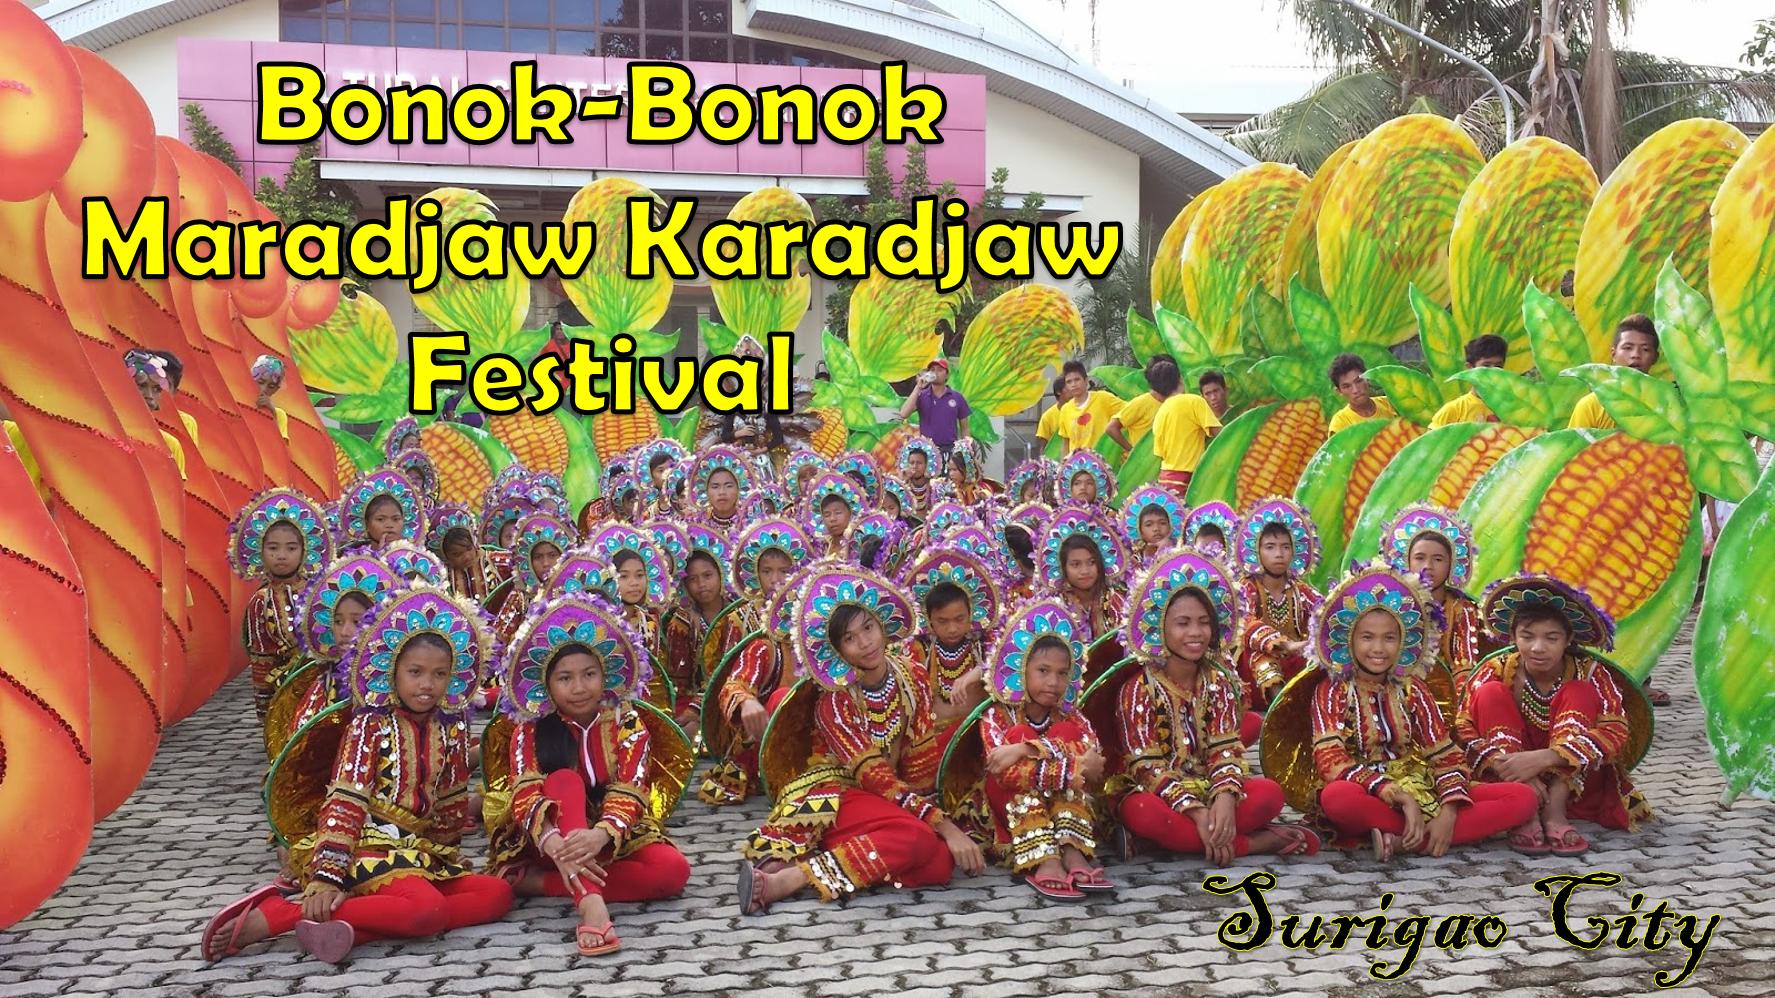 bonok-bonok surigao city festival